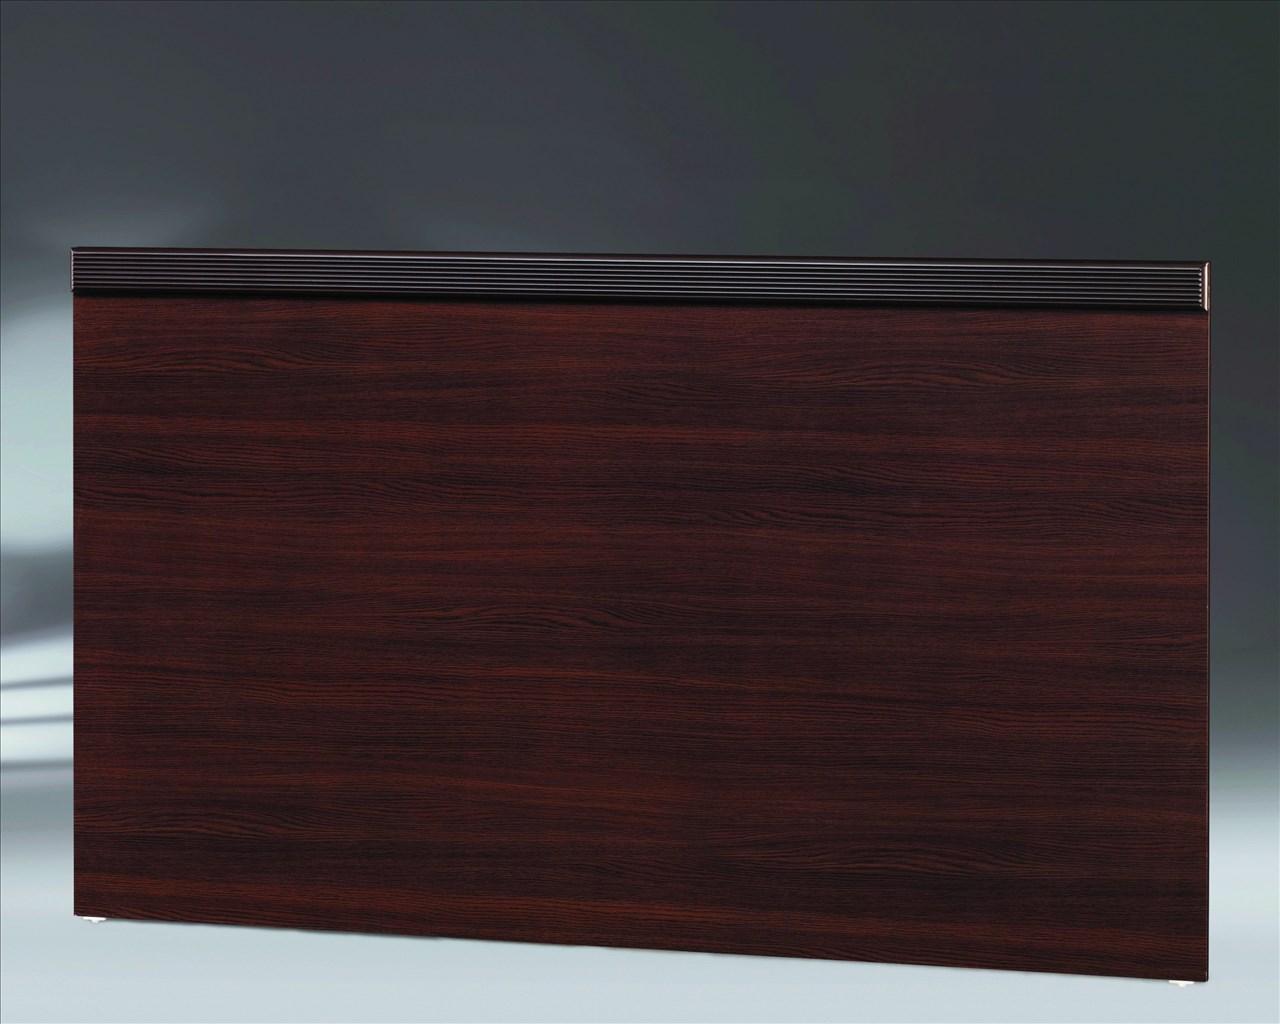 【石川家居】OU-654-5(E-292) 胡桃3.5尺床片 (不含床底及其他商品) 需搭配車趟